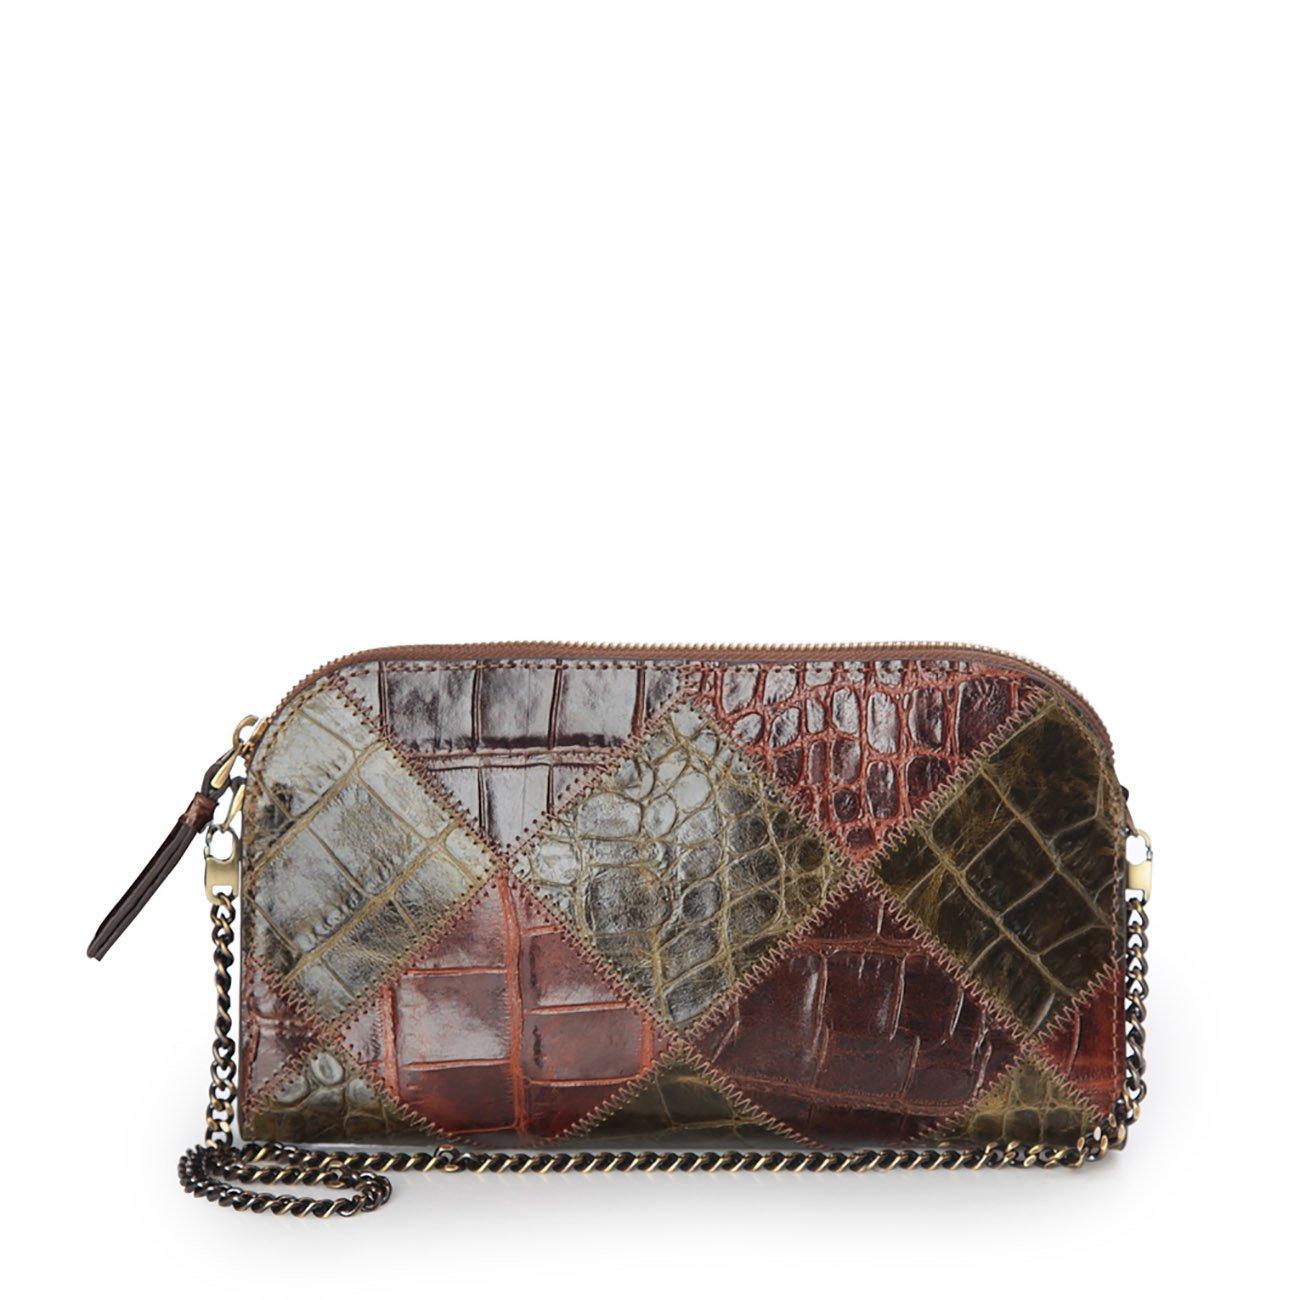 Eric Javits Luxury Fashion Designer Women's Handbag - Patchwork Pouch - Loden/Brown